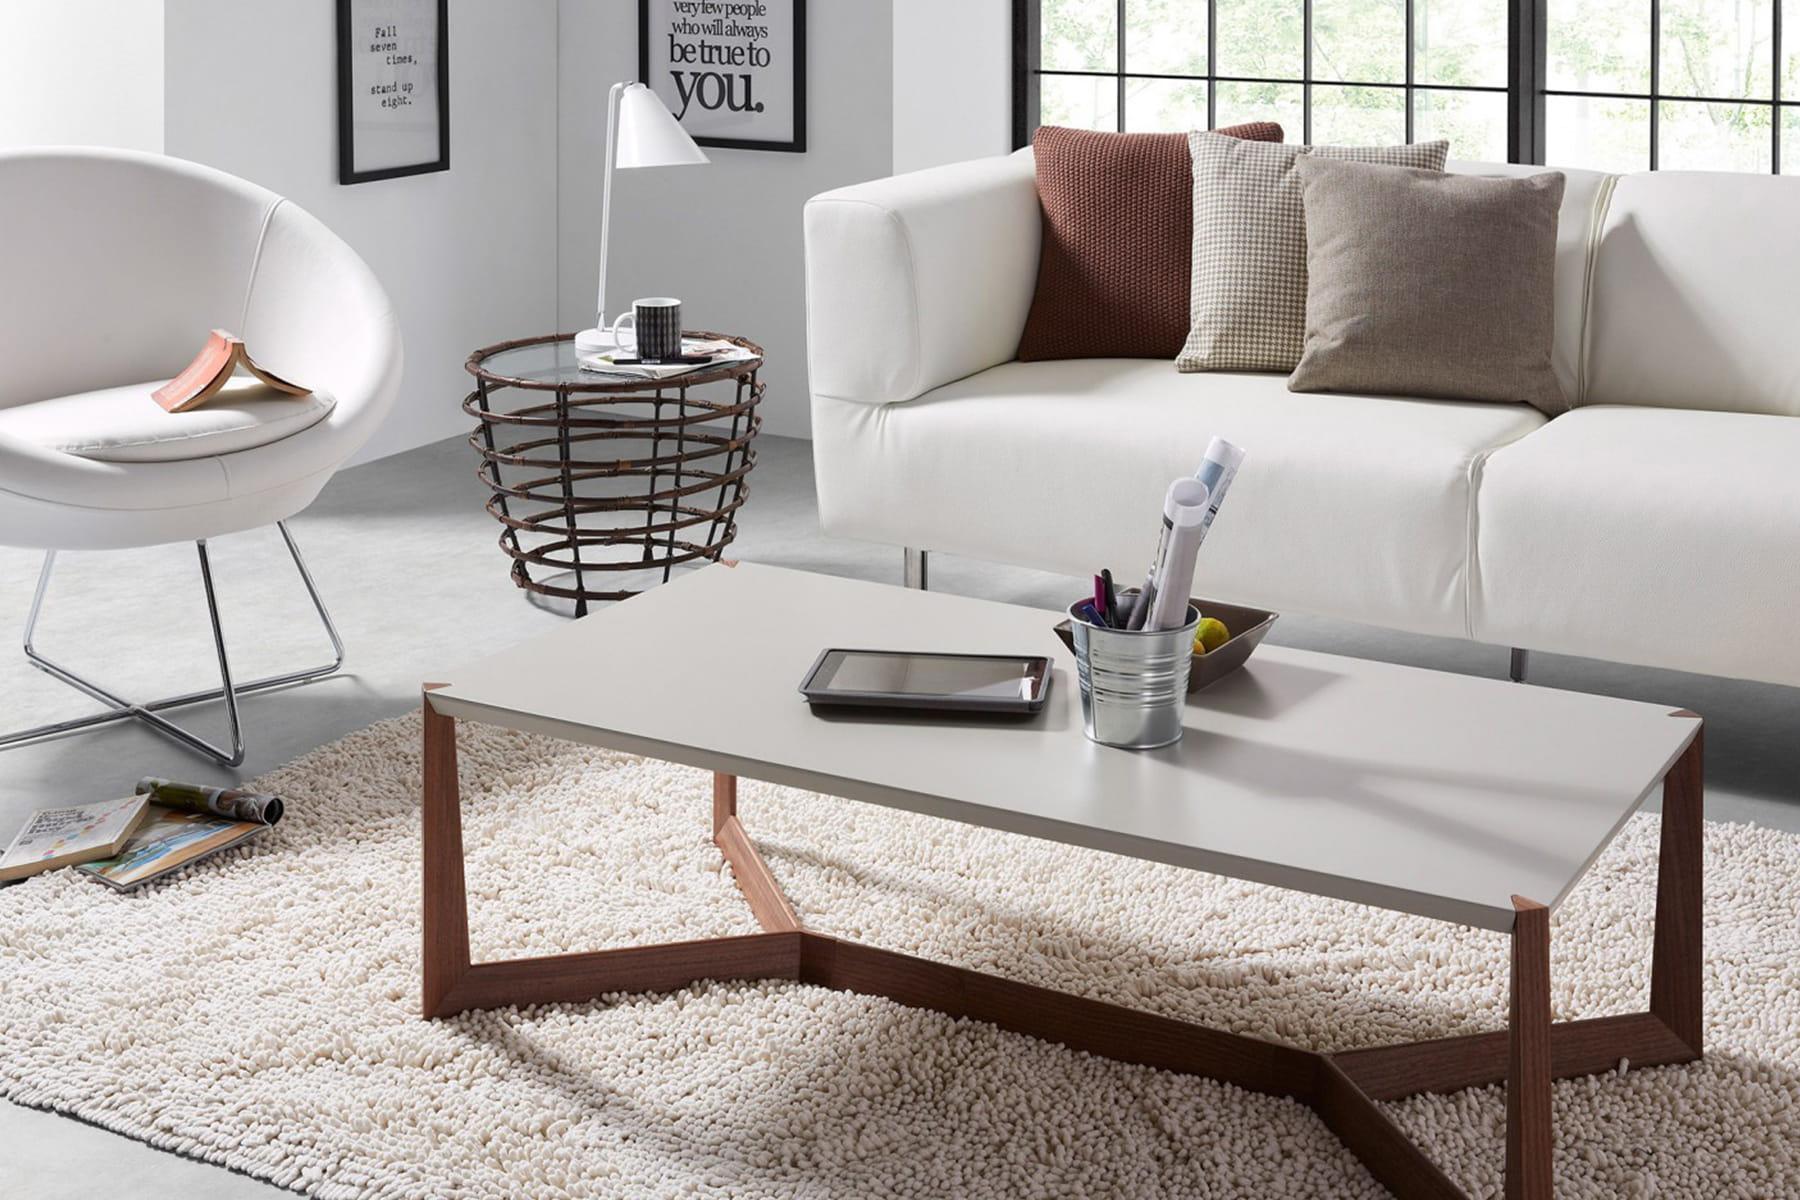 trouvez des fauteuils en harmonie avec le canap. Black Bedroom Furniture Sets. Home Design Ideas